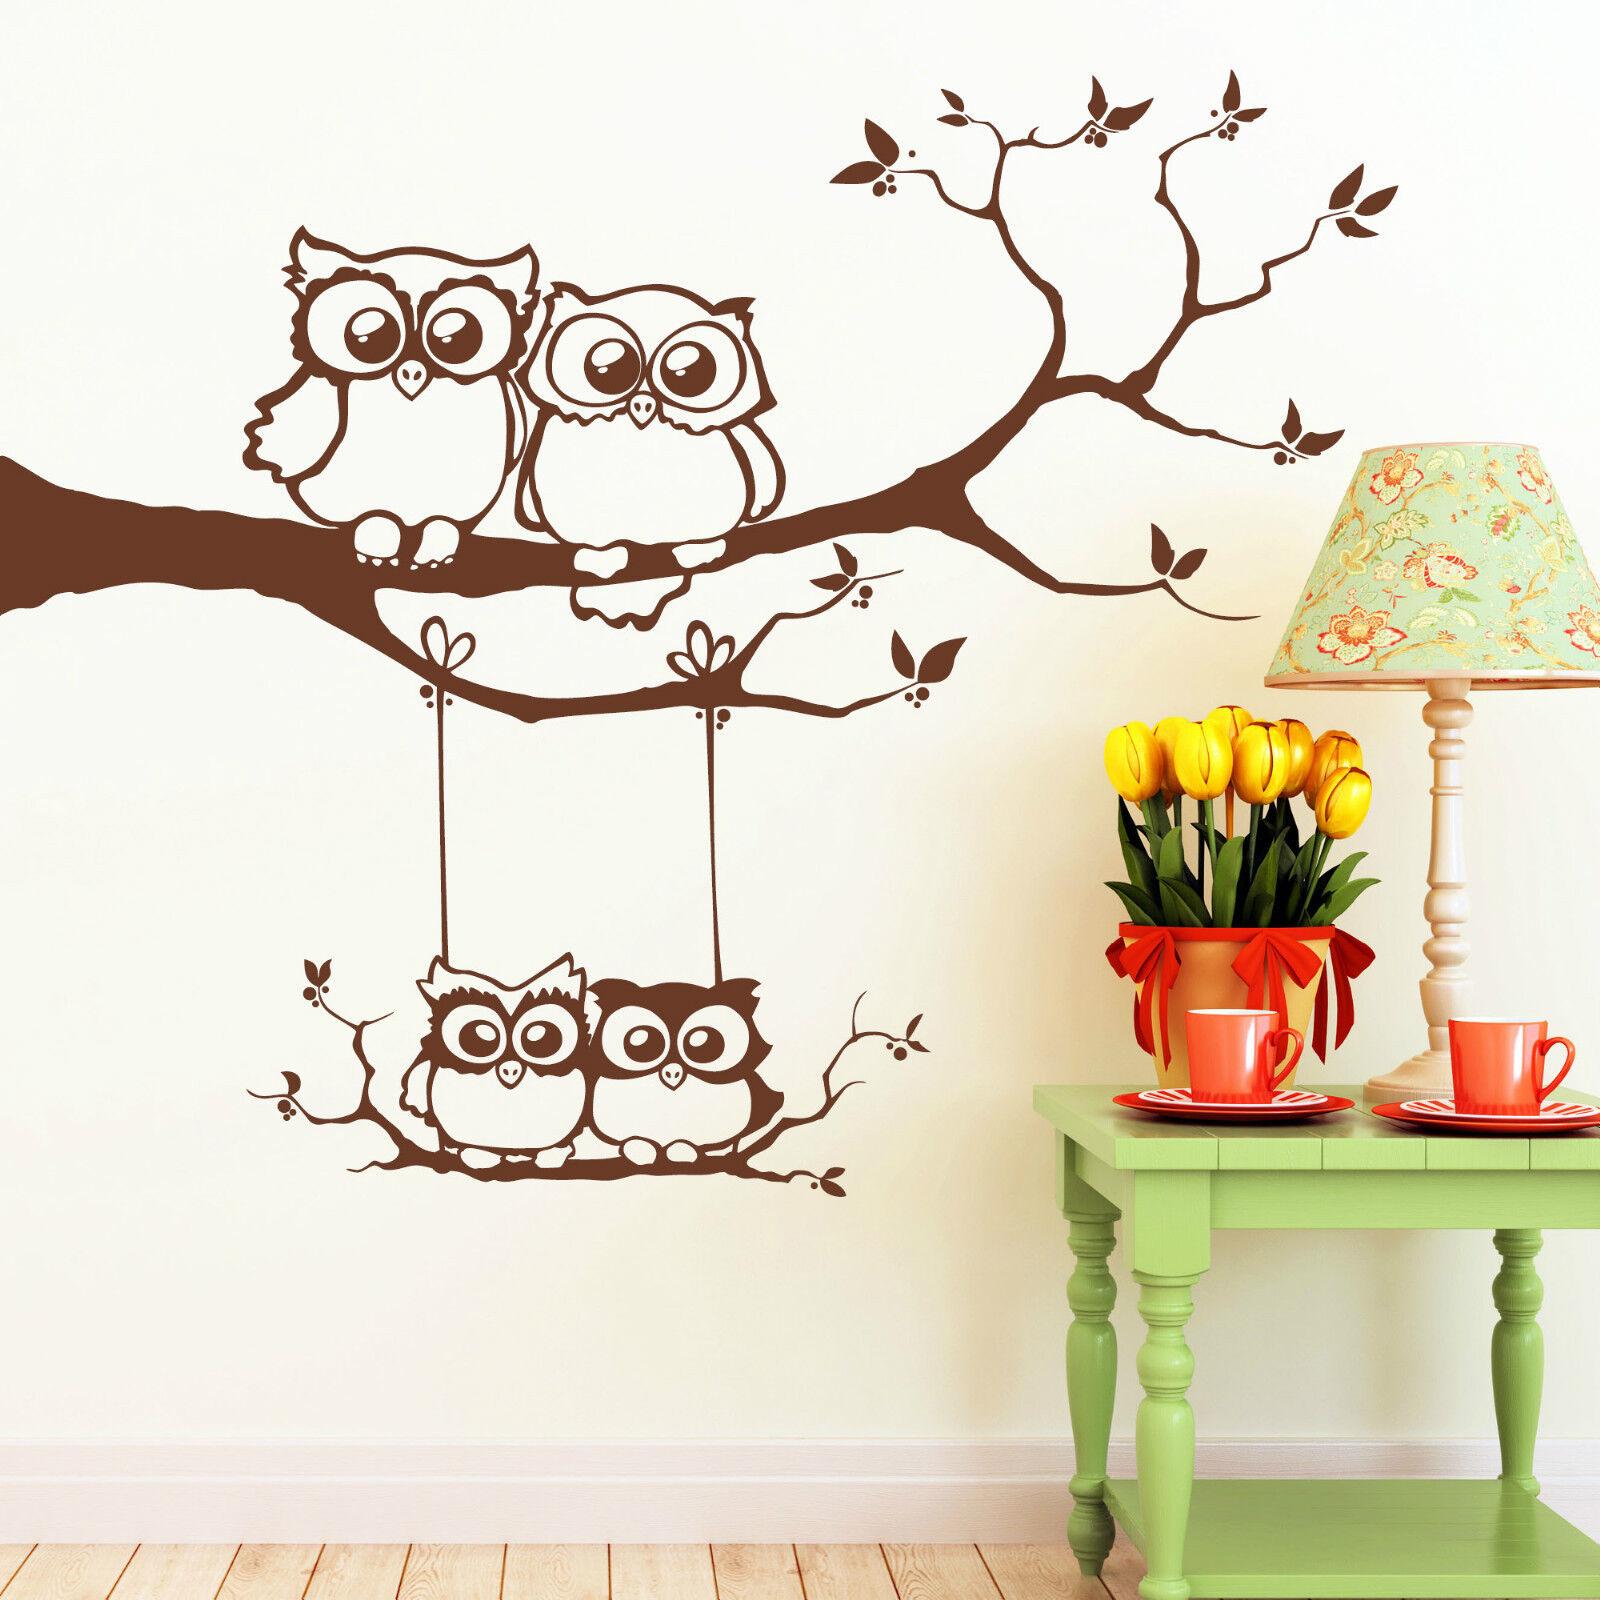 Wandtattoo Eulen Familie Eule auf Ast und Schaukel 10358 Owl Uhu Eulchen Baum